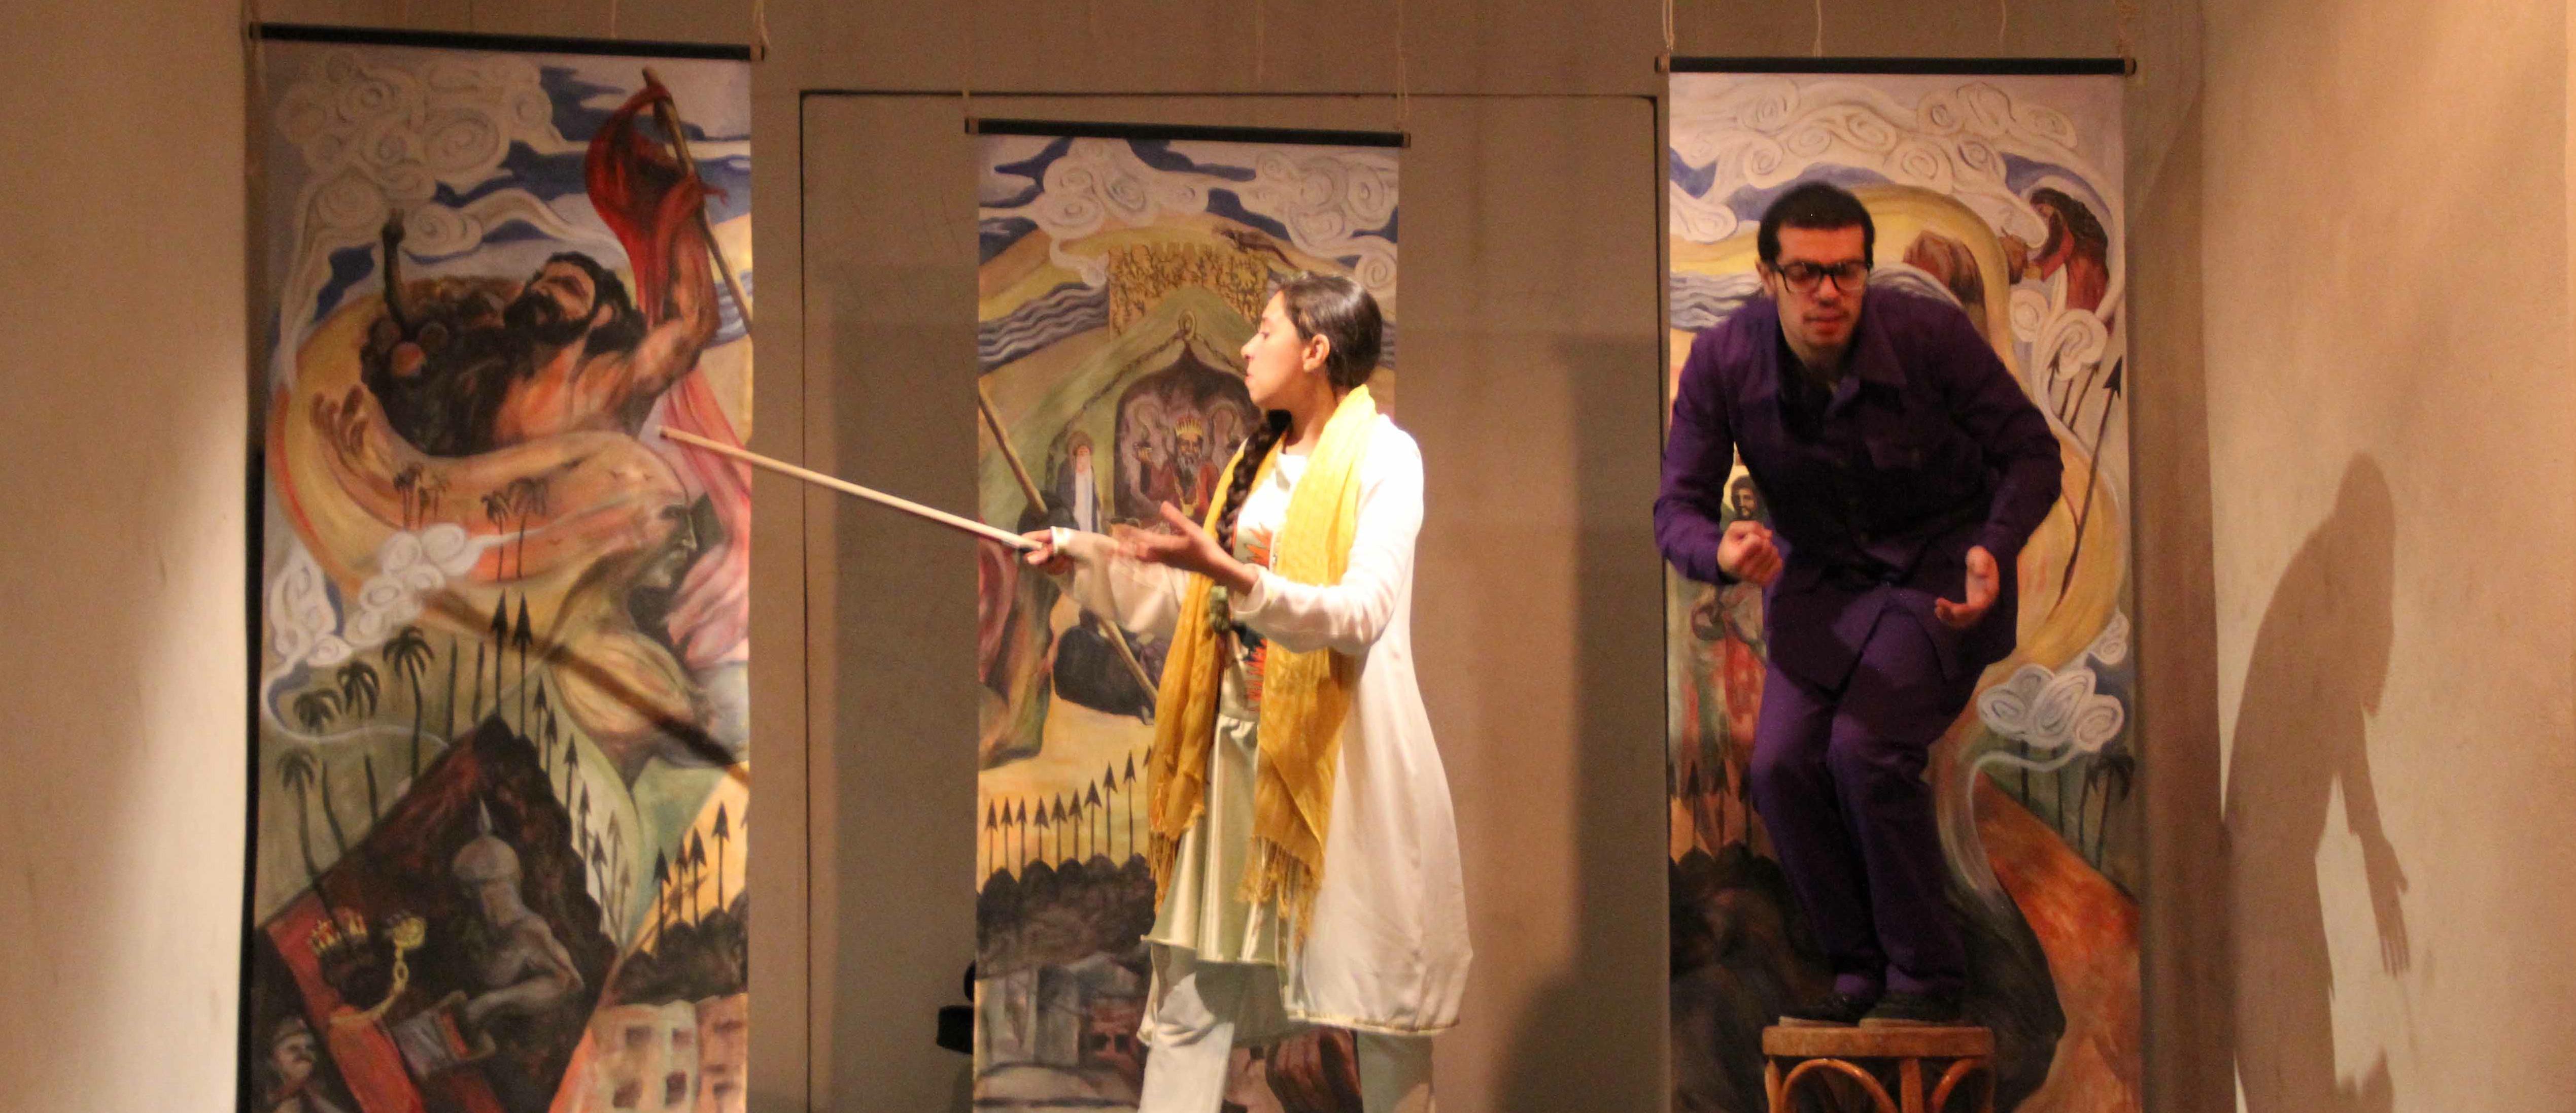 Naghali. Taller de narració oral persa. Sabry Zekry a Escola de Teatre El Galliner Girona 2-6 febrer 2015